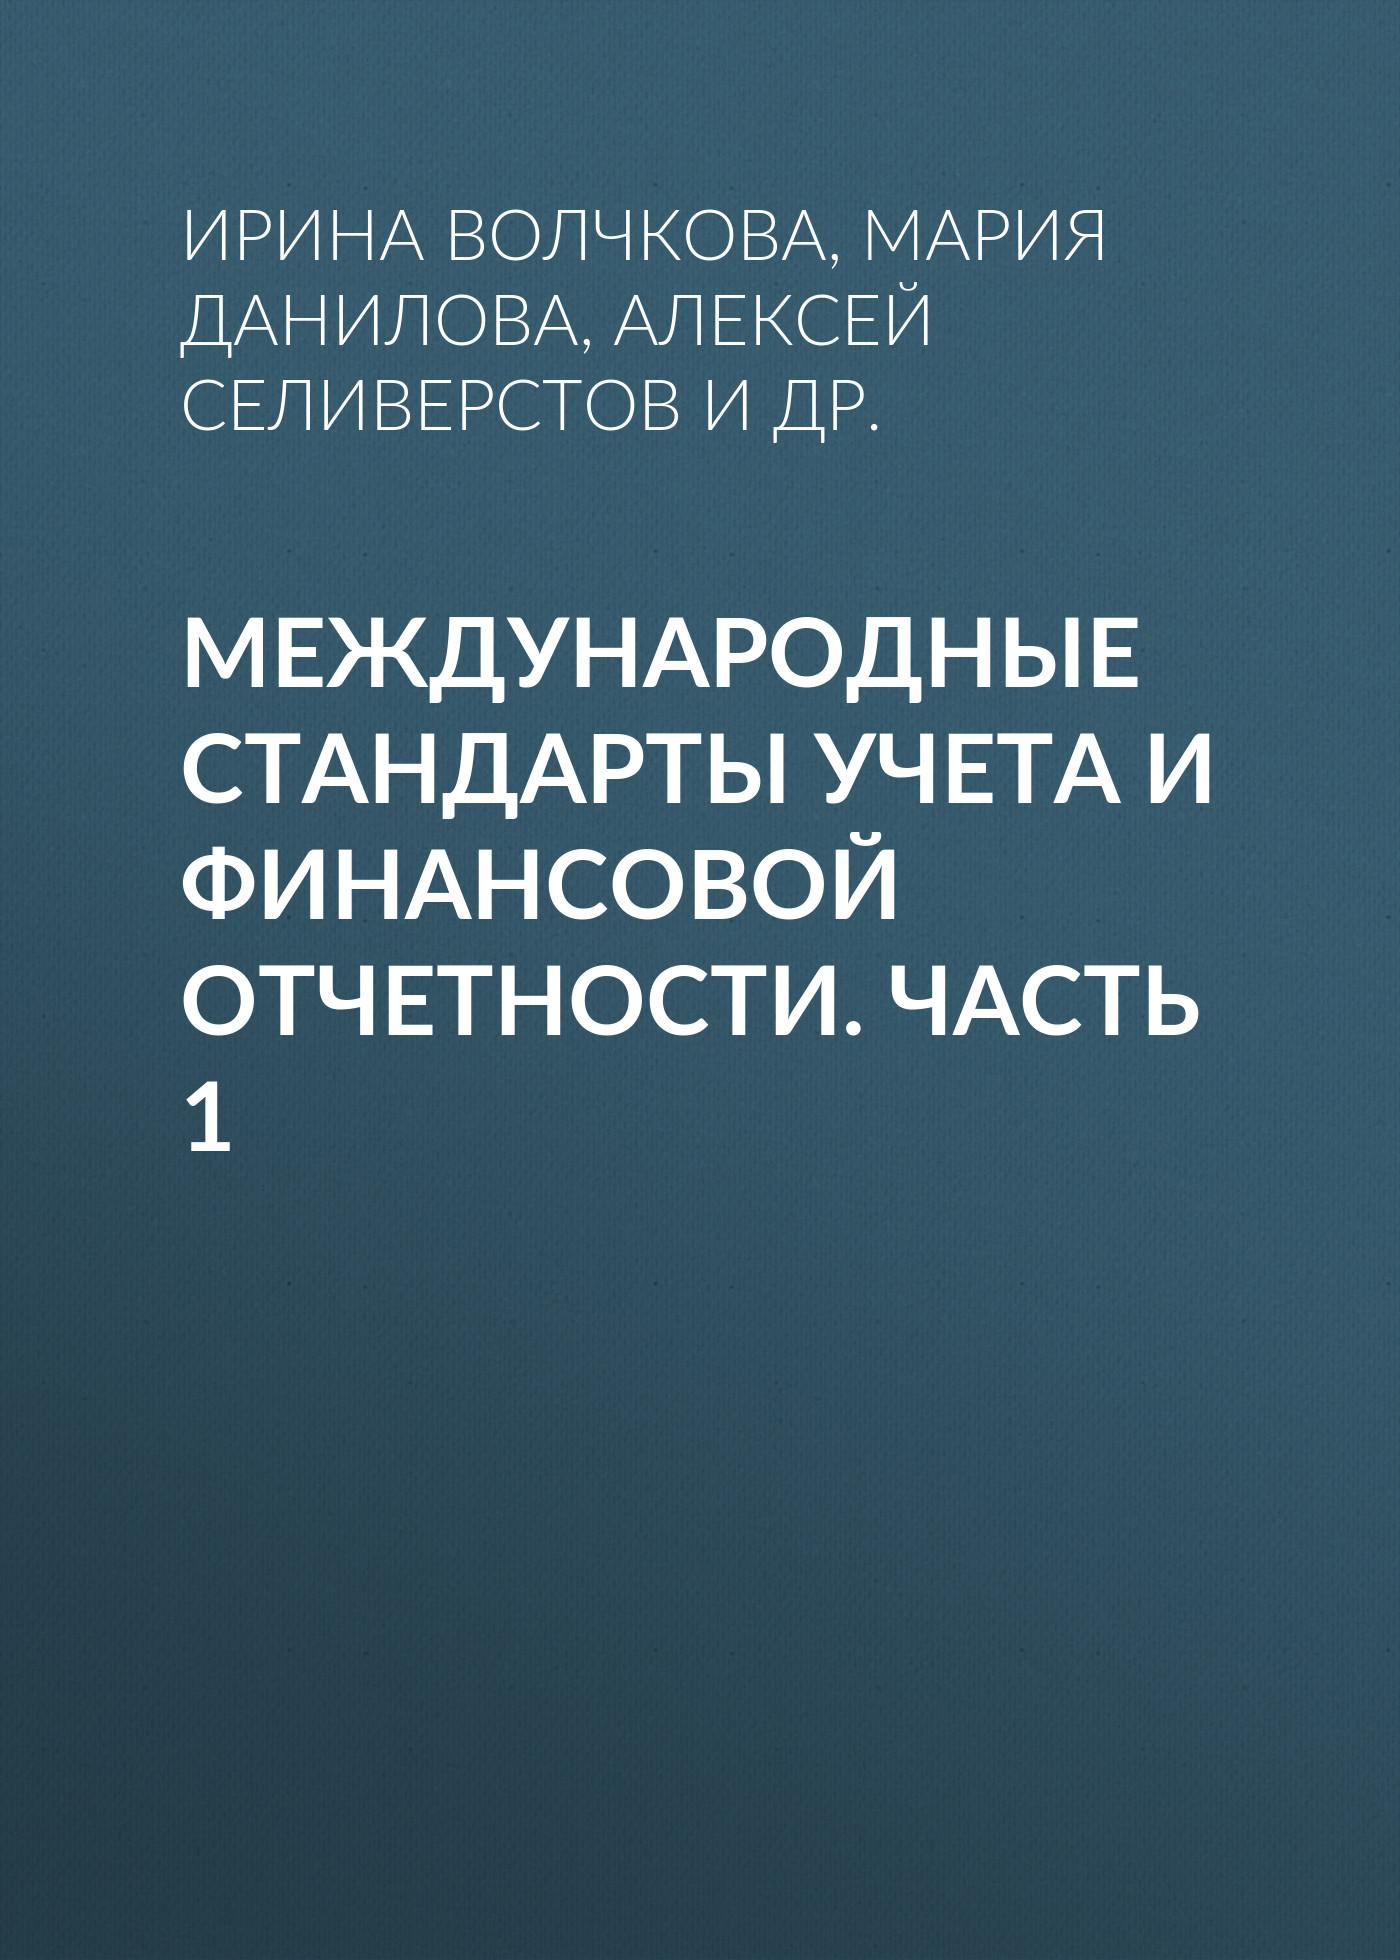 Обложка книги Международные стандарты учета и финансовой отчетности. Часть 1